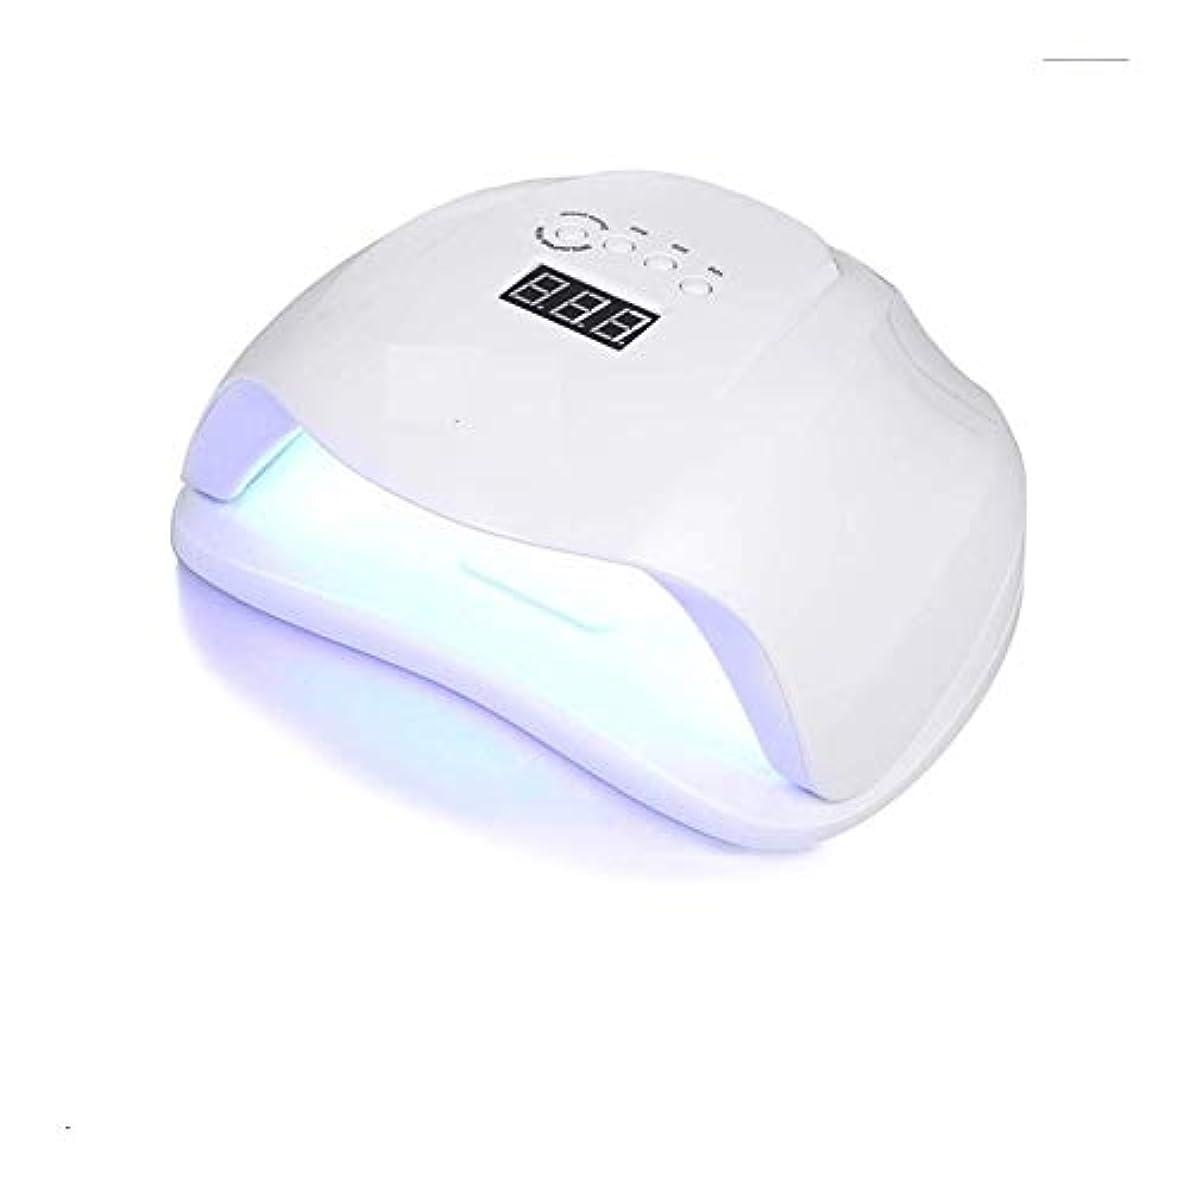 傷つける好きである呼吸するLittleCat UV誘導機械知能主導54W UVランプネイルヒートランプツールネイル (色 : American standard flat plug)